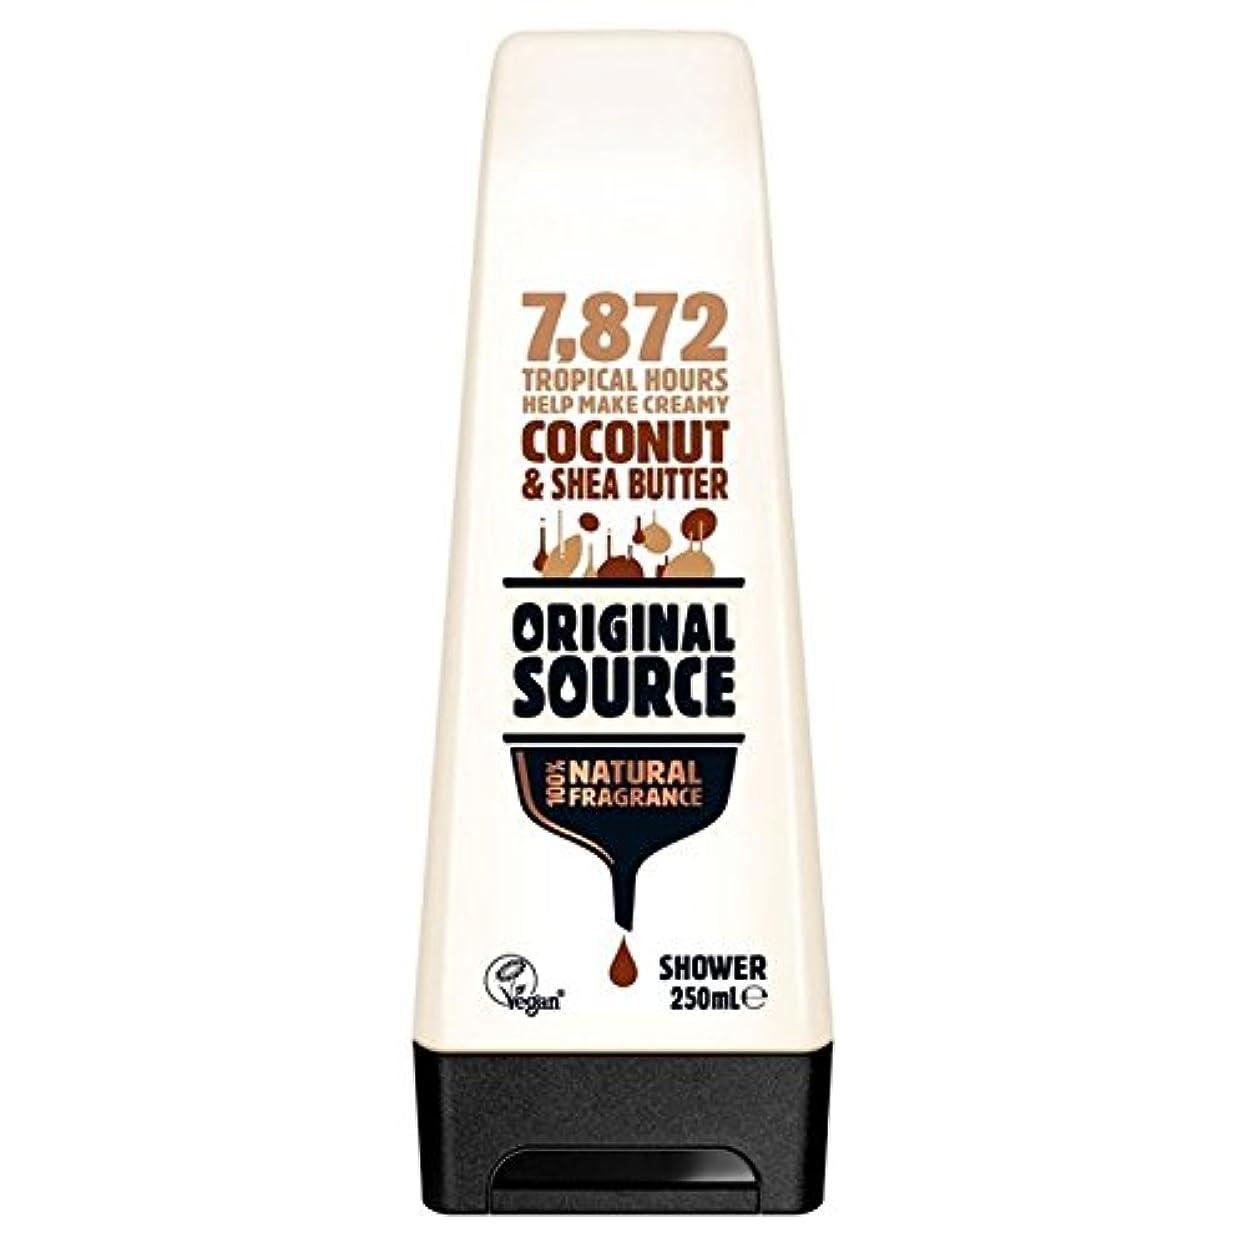 ほとんどない苦昇進Original Source Moisturising Coconut & Shea Butter Shower Gel 250ml - 元のソース保湿ココナッツ&シアバターシャワージェル250ミリリットル [並行輸入品]